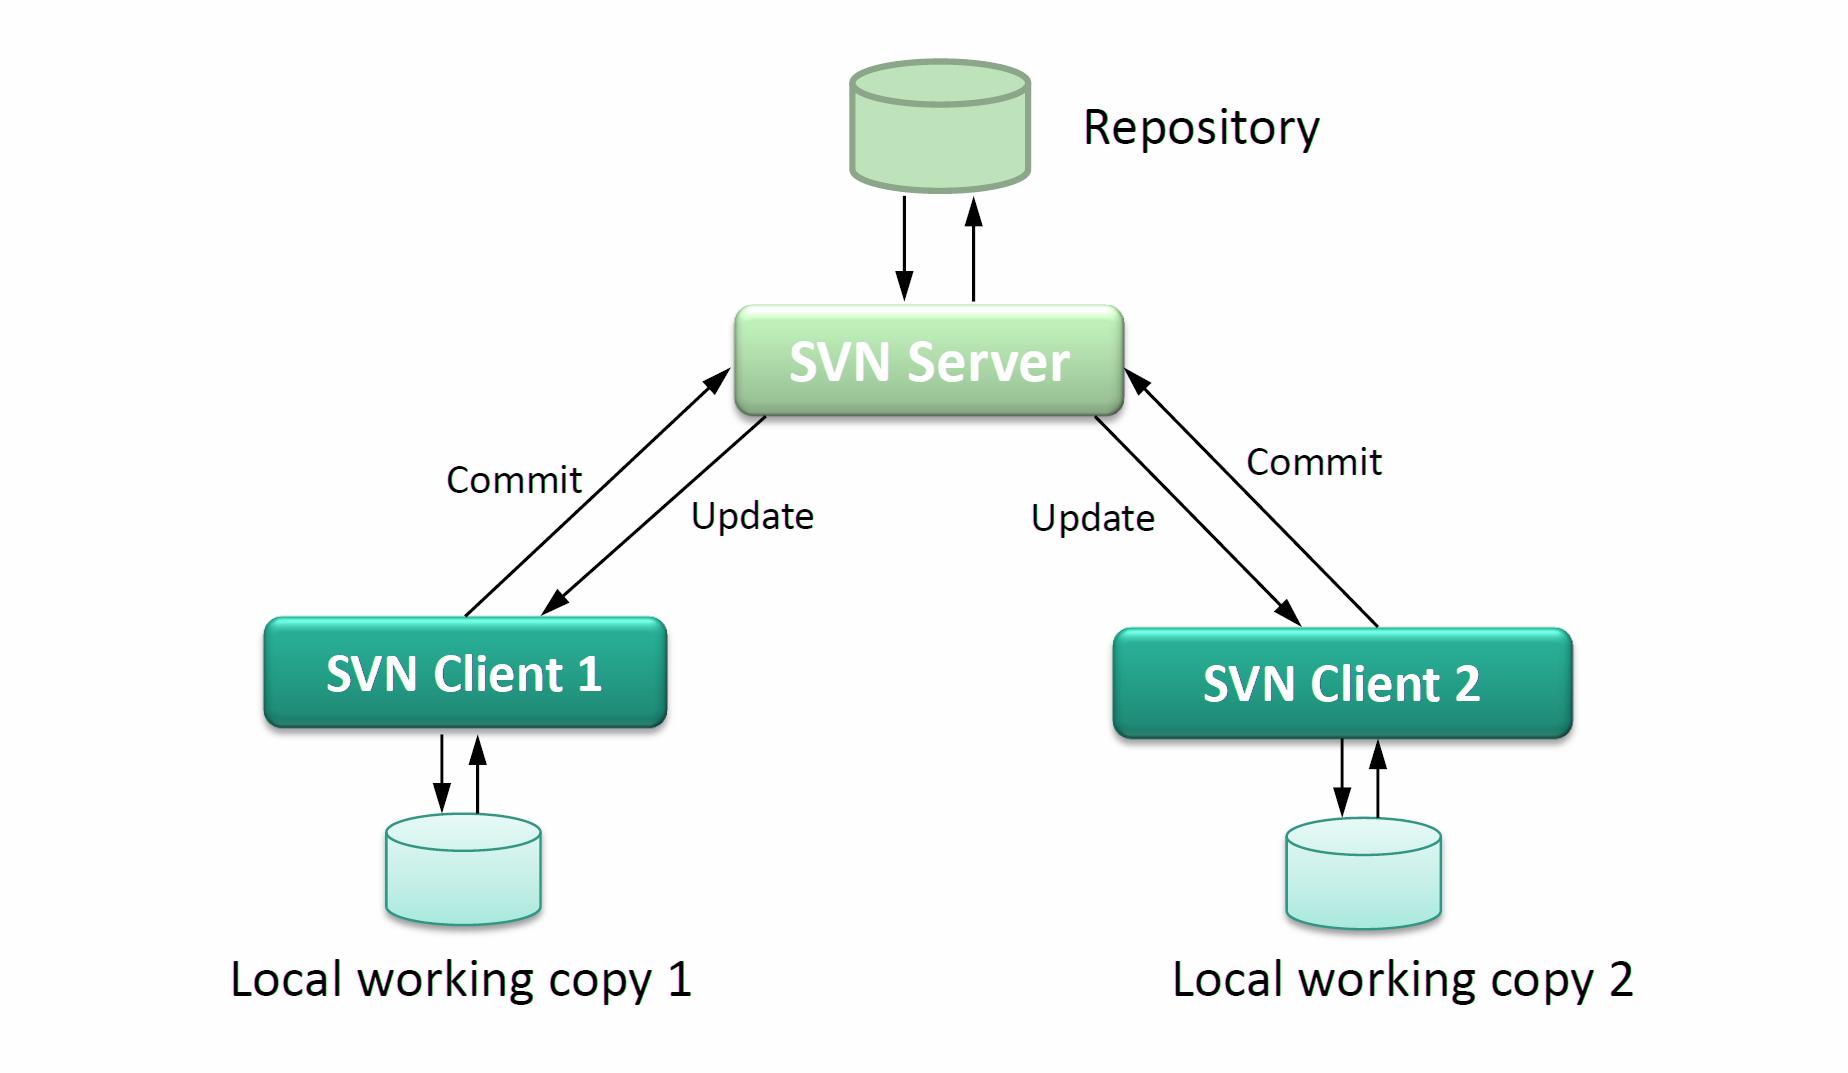 如何使用 Git 管理二进制大对象如何使用 Git 管理二进制大对象